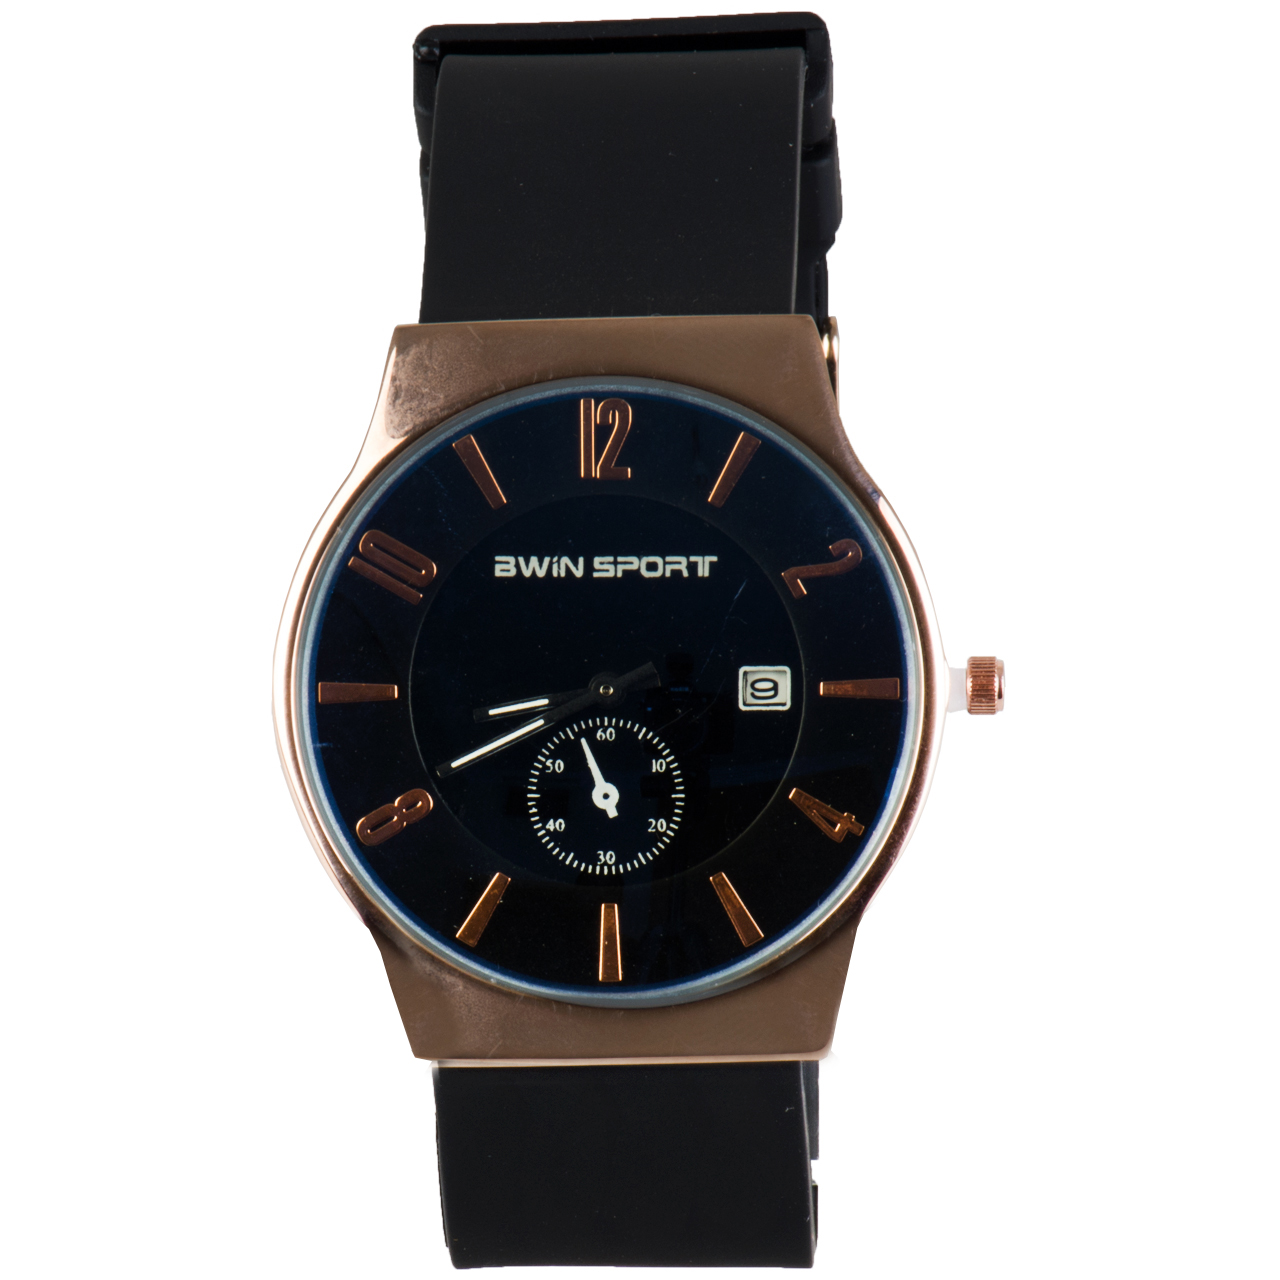 ساعت مچی عقربهای بی وین اسپرت مدل Lux A20 45